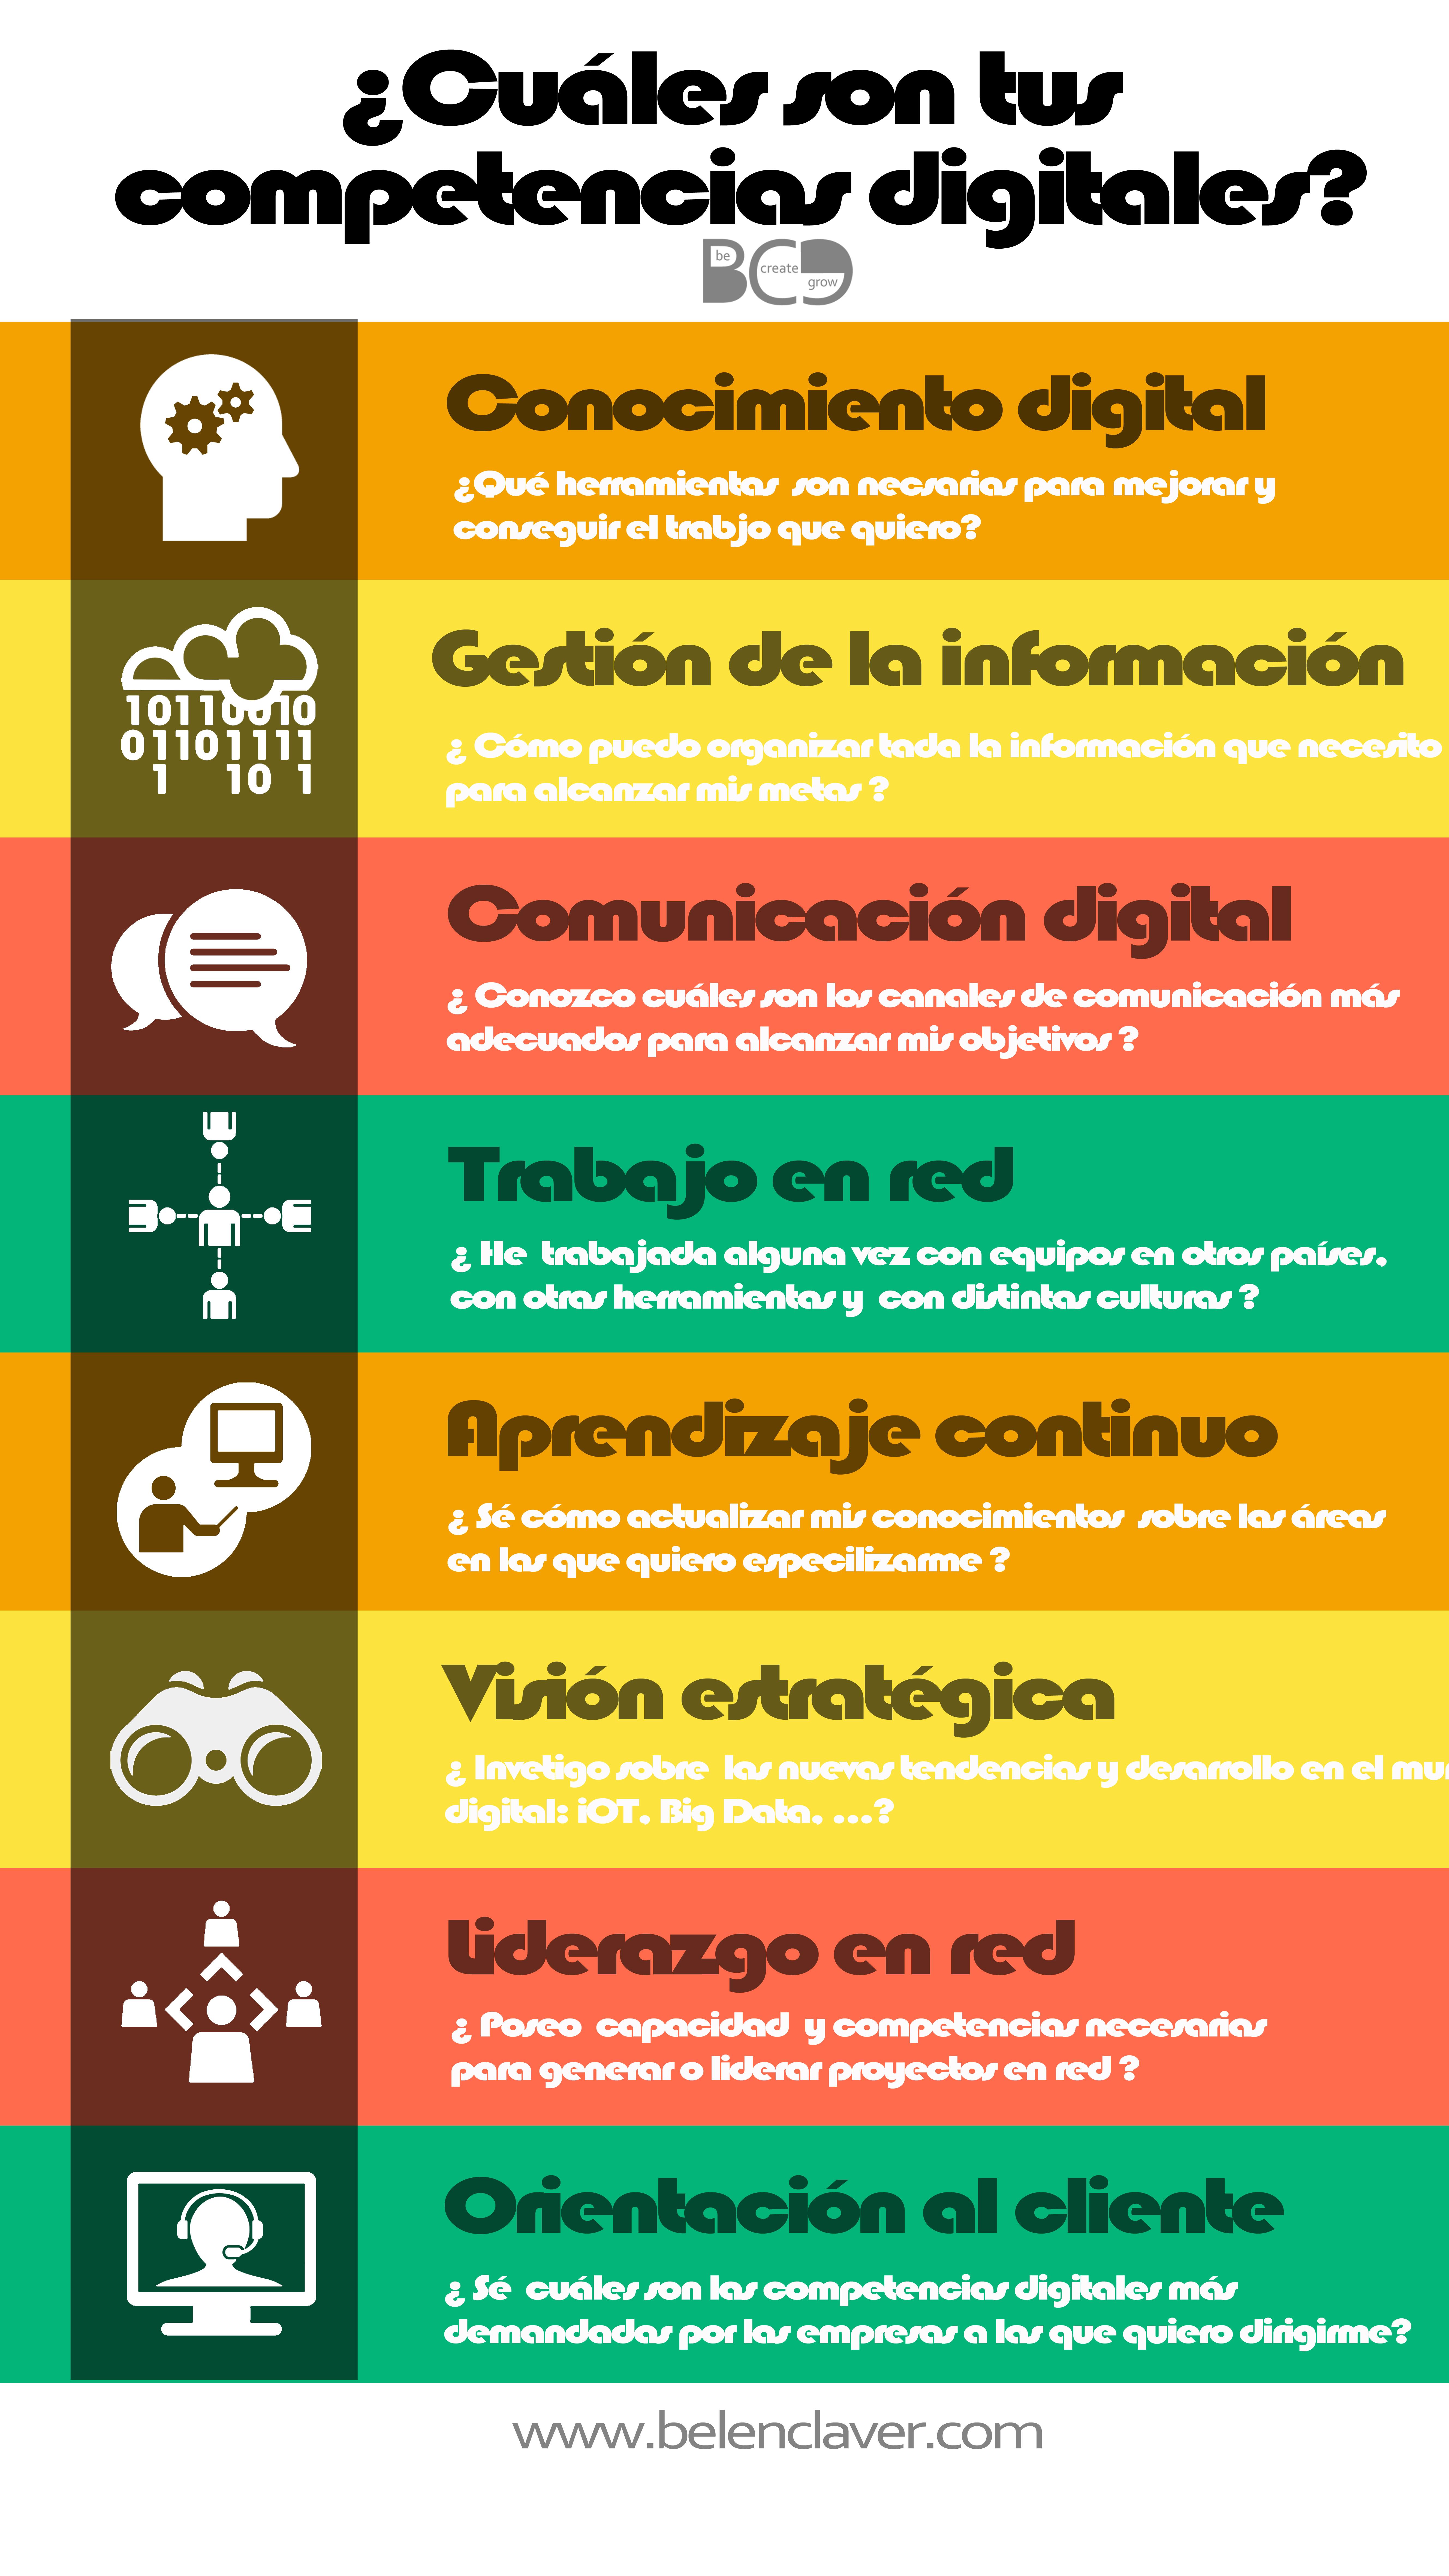 ¿Cual son tus competencias digitales?